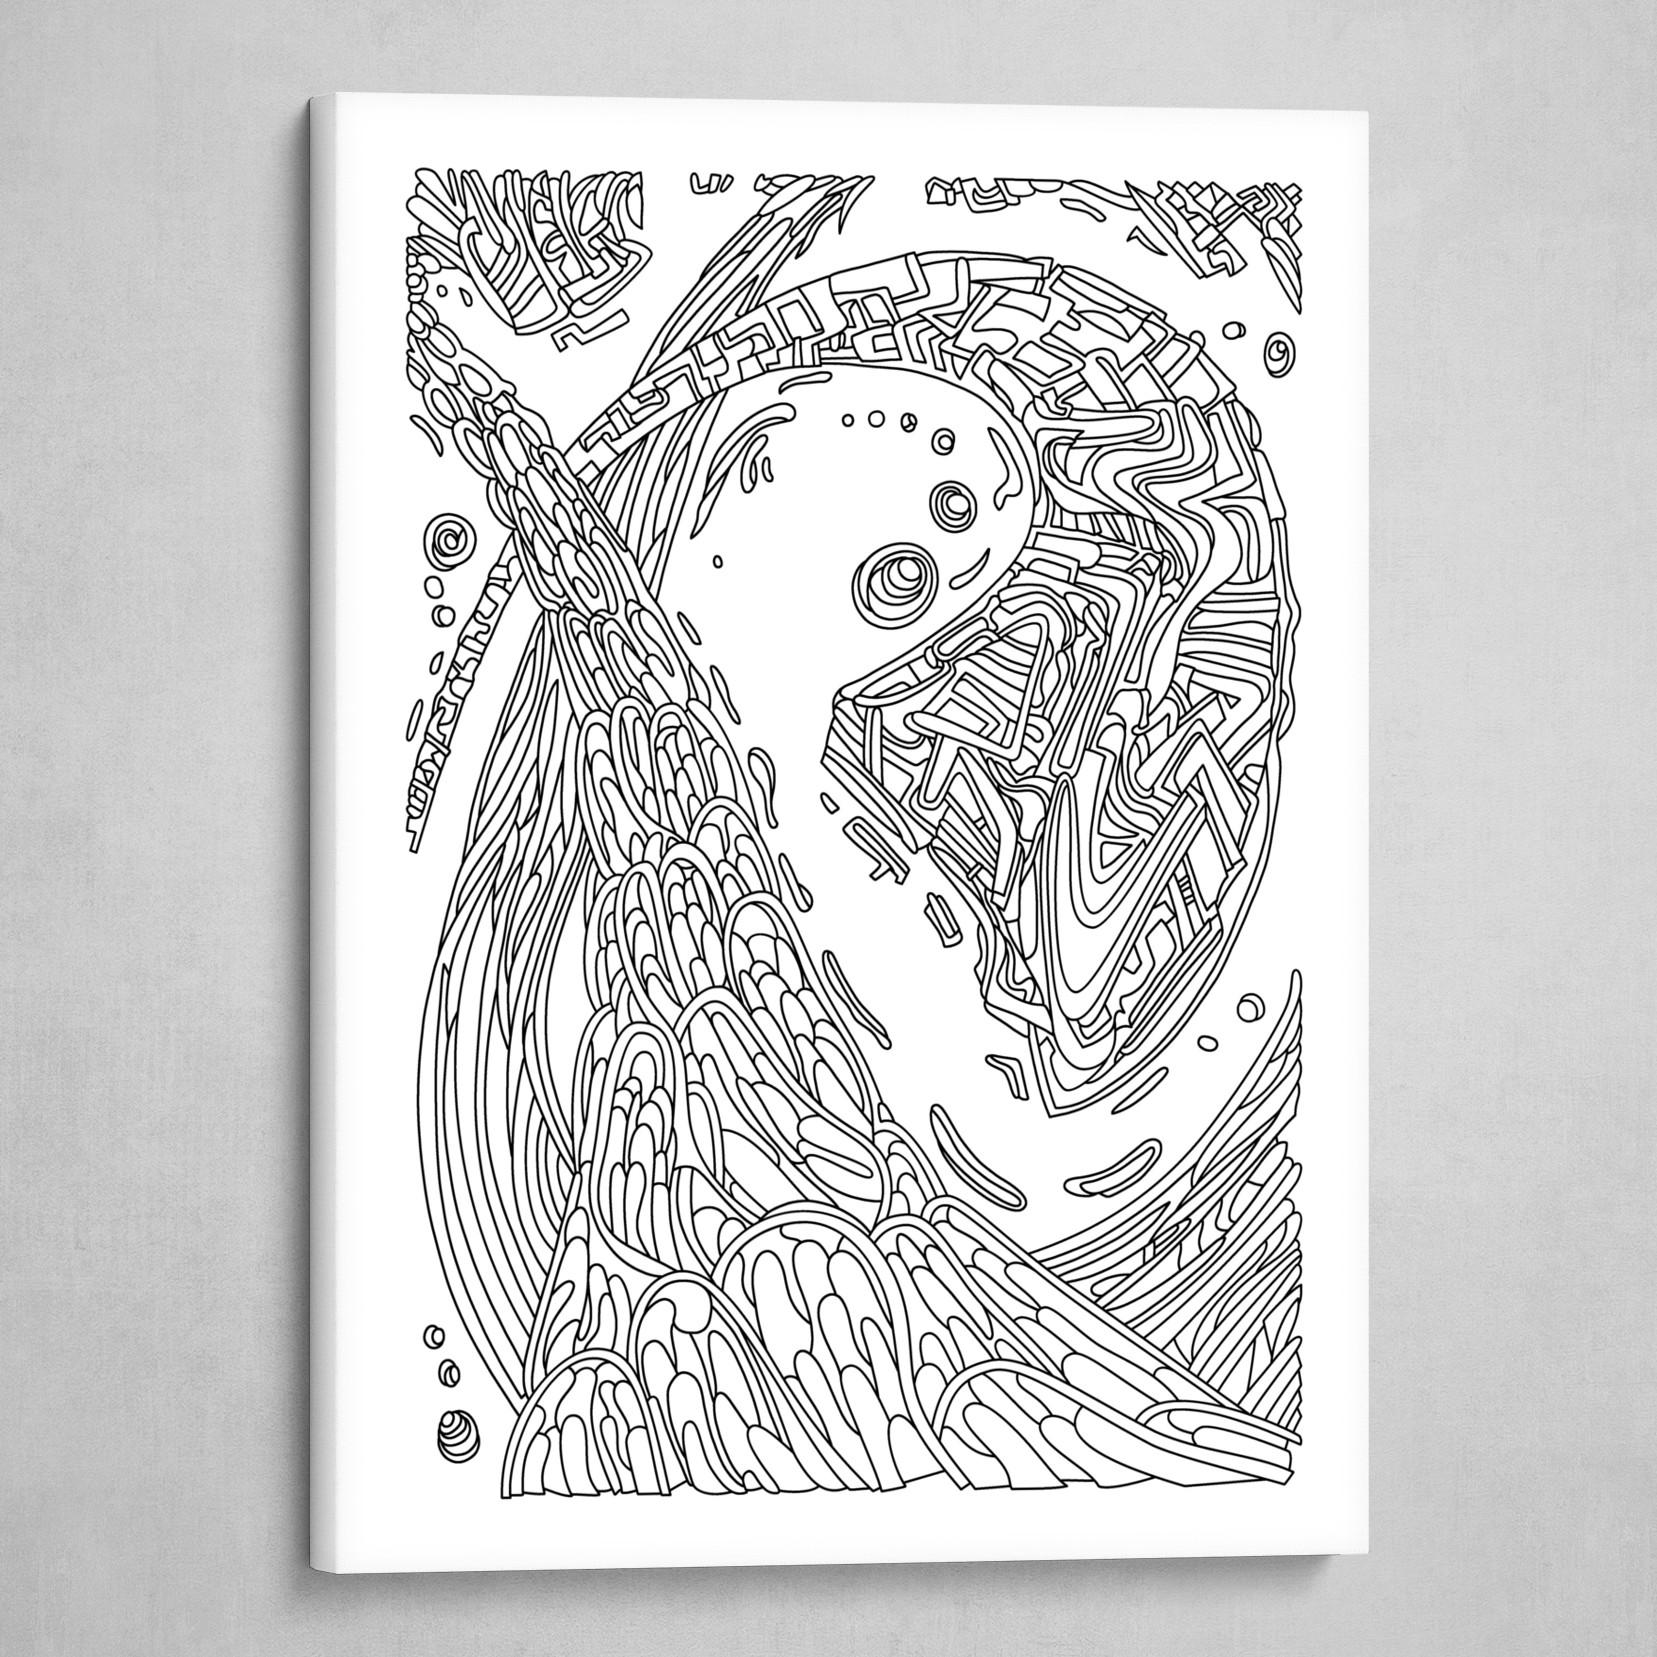 Wandering 35: black & white line art